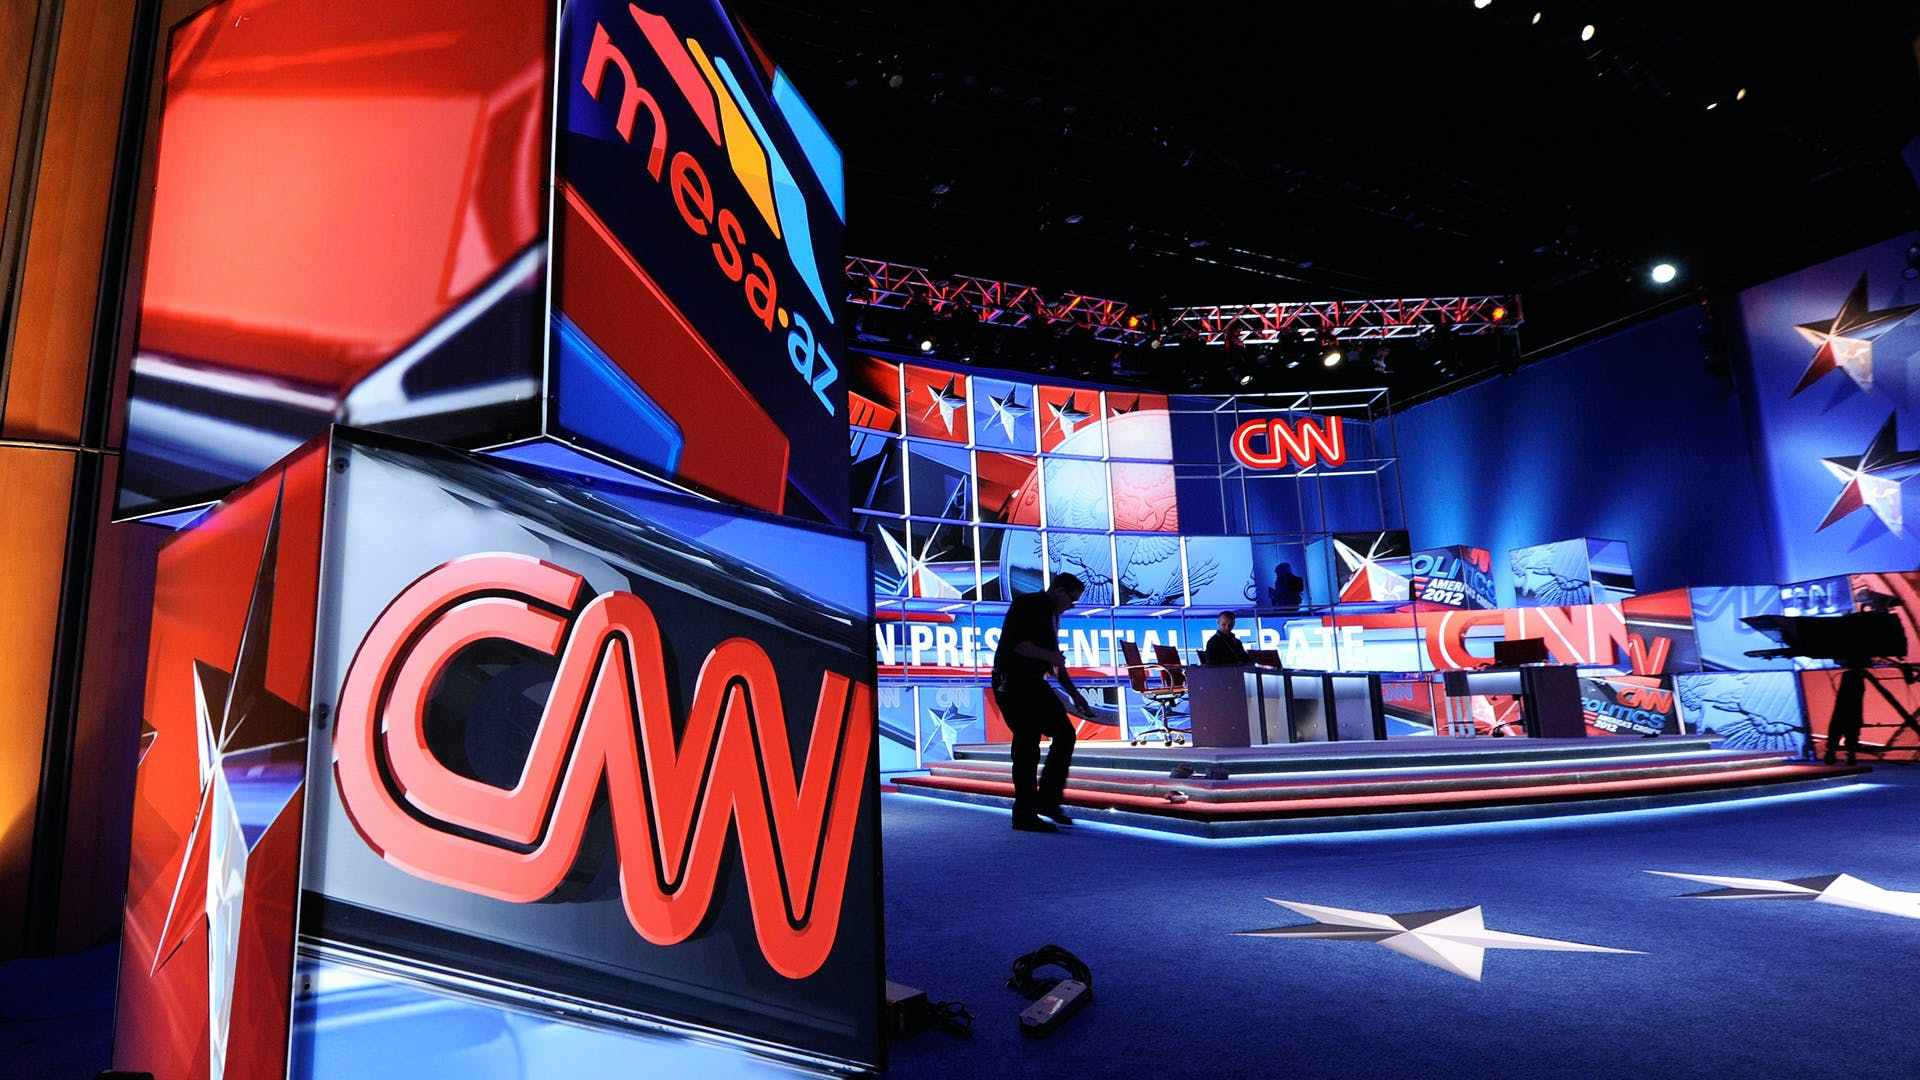 新宝彩票: 美国主流媒体是否背离了客观独立与言论自由原则?